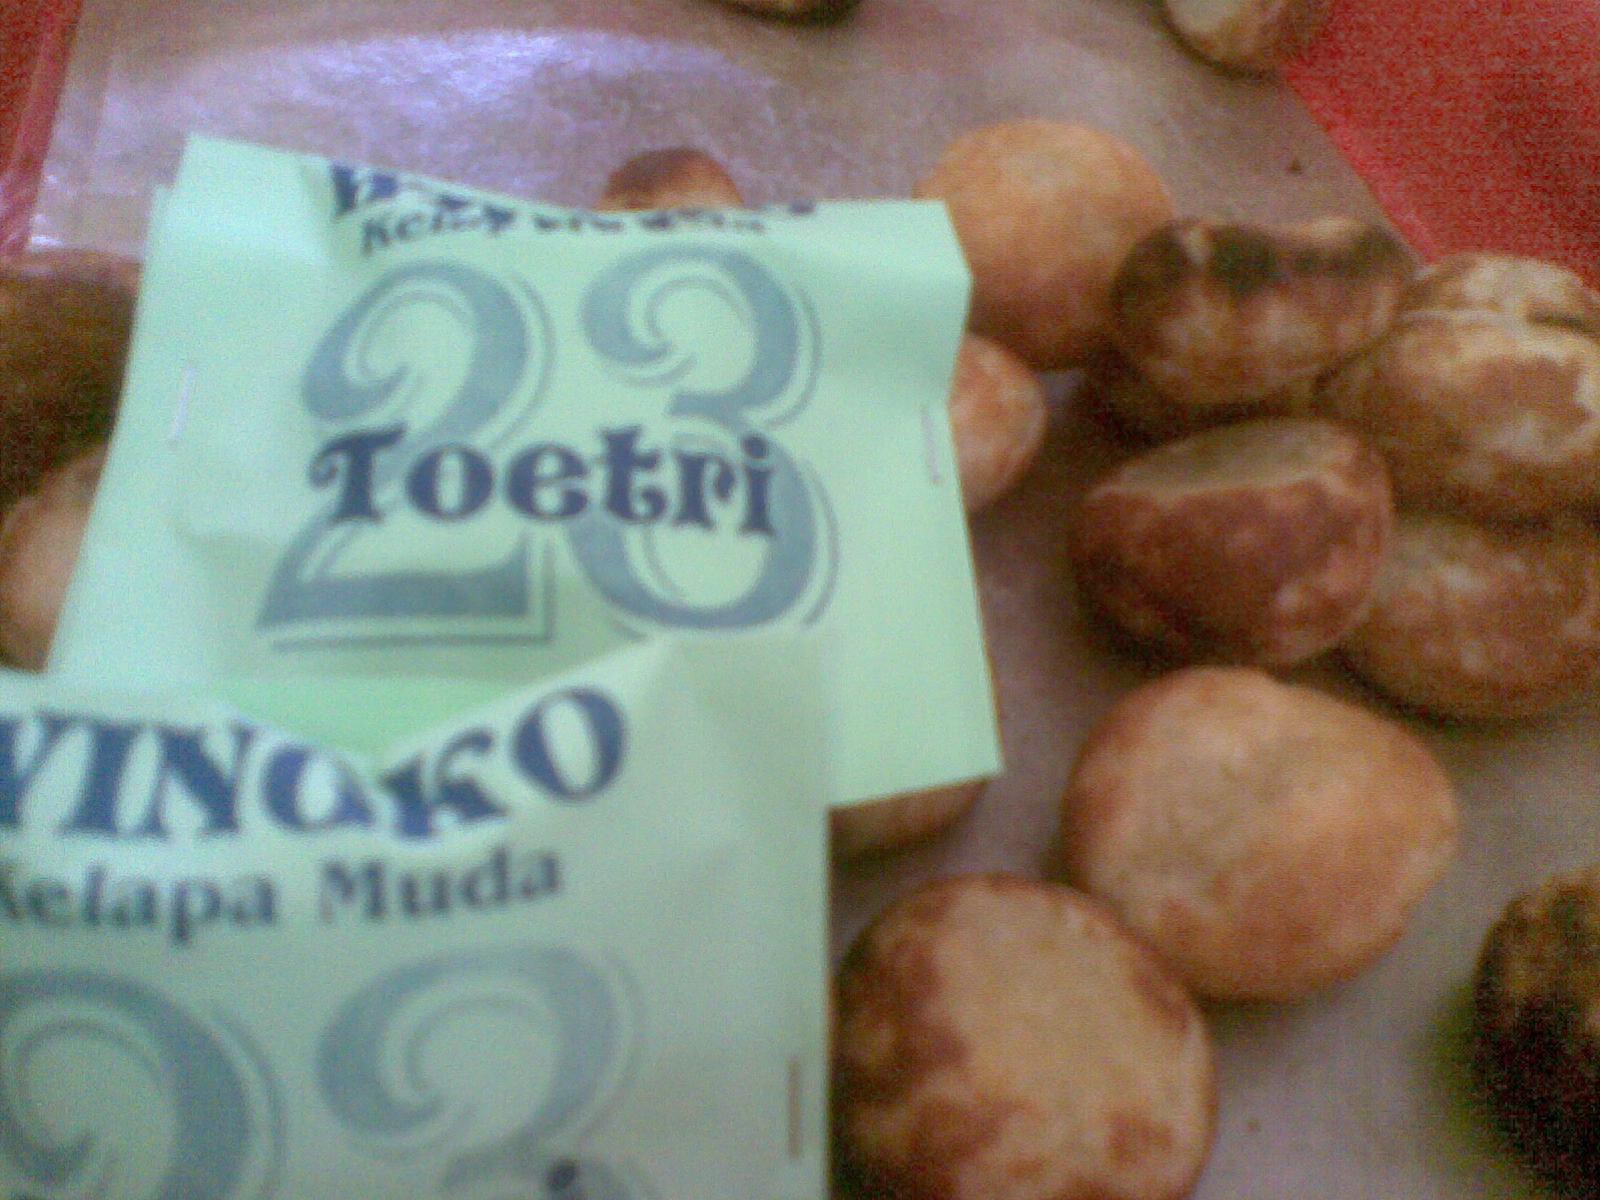 Wingko Toetri 23